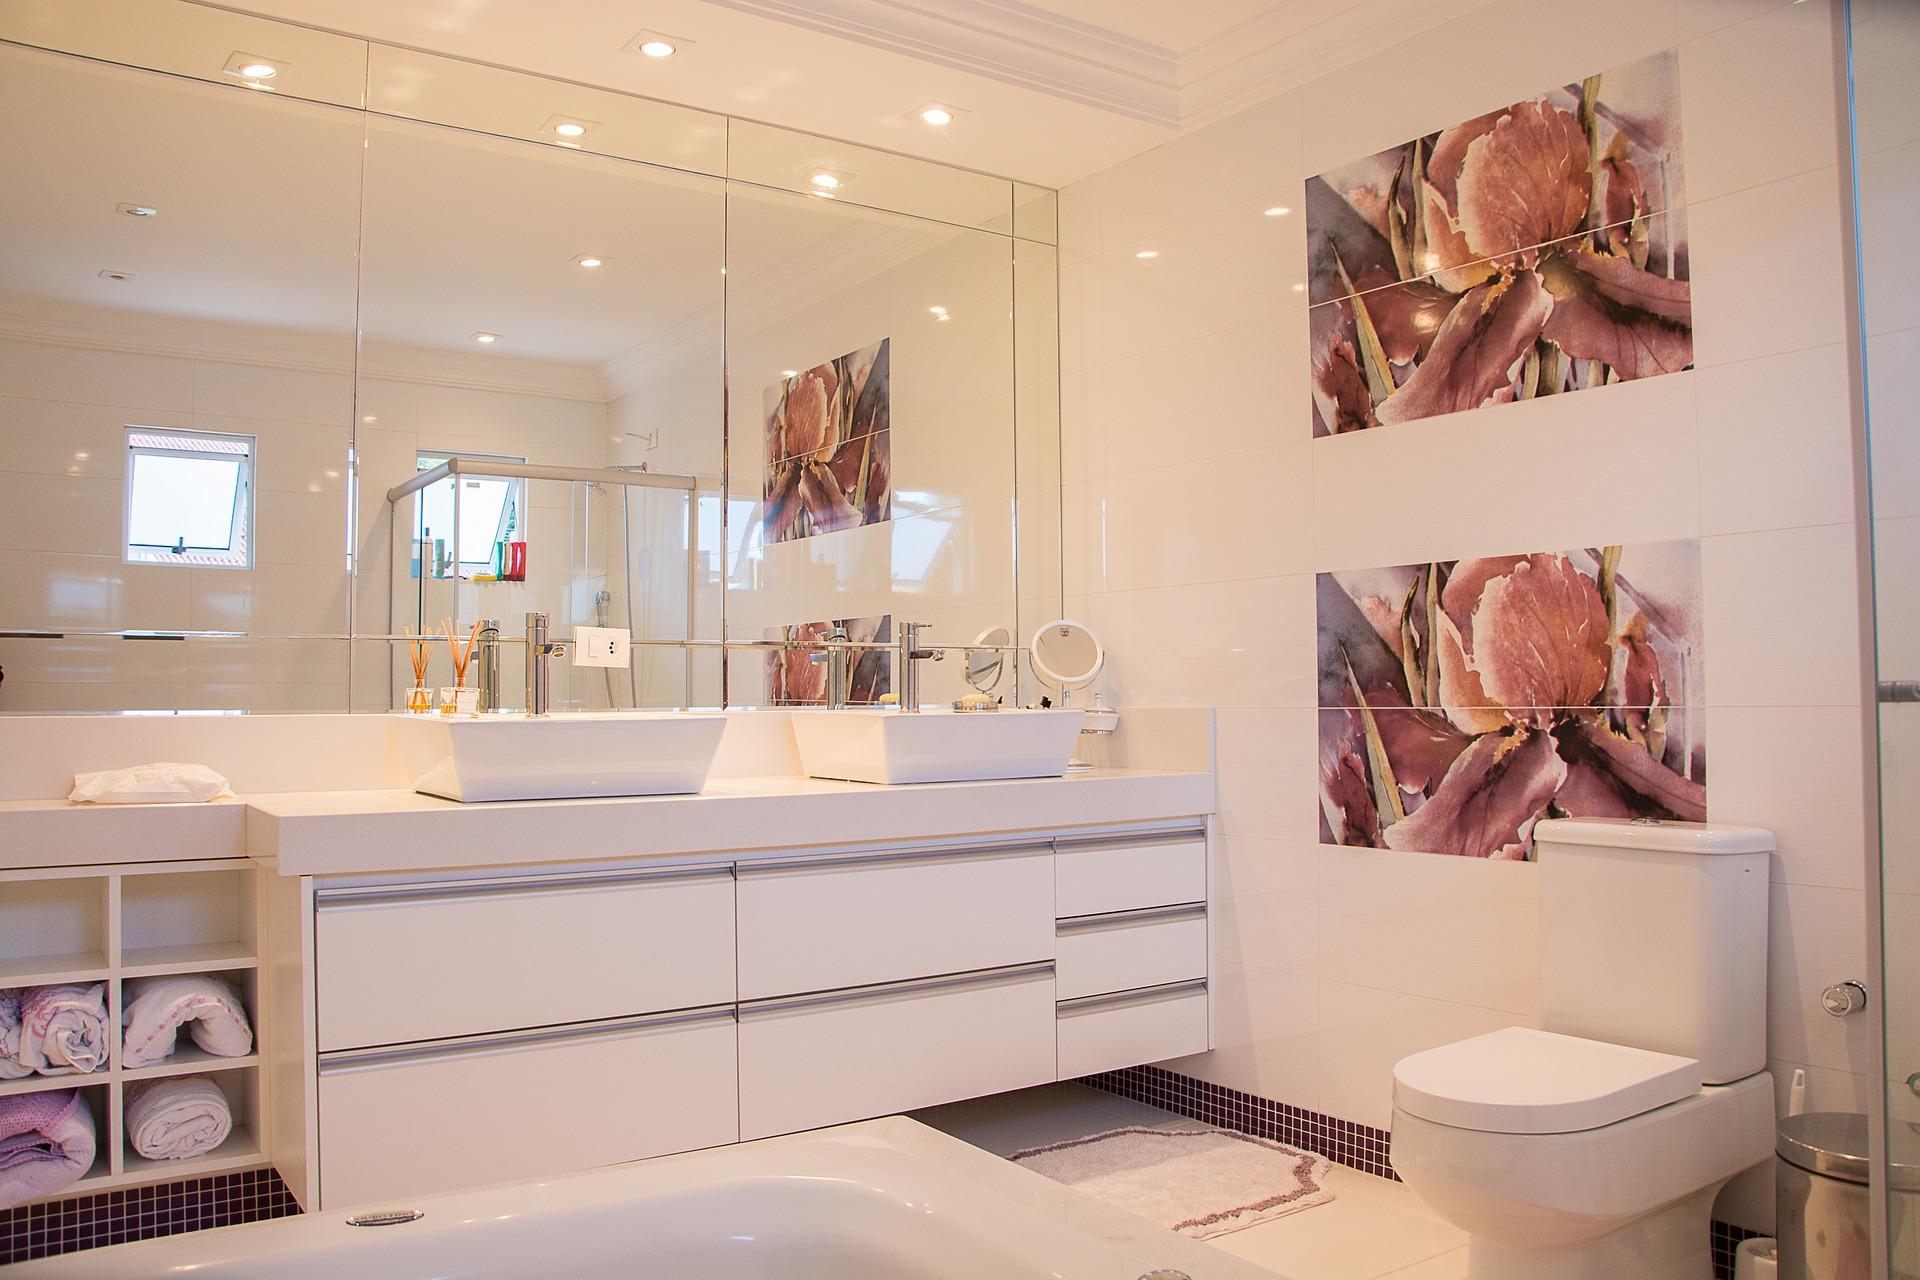 Das Bad bin ich bathroom-1622403